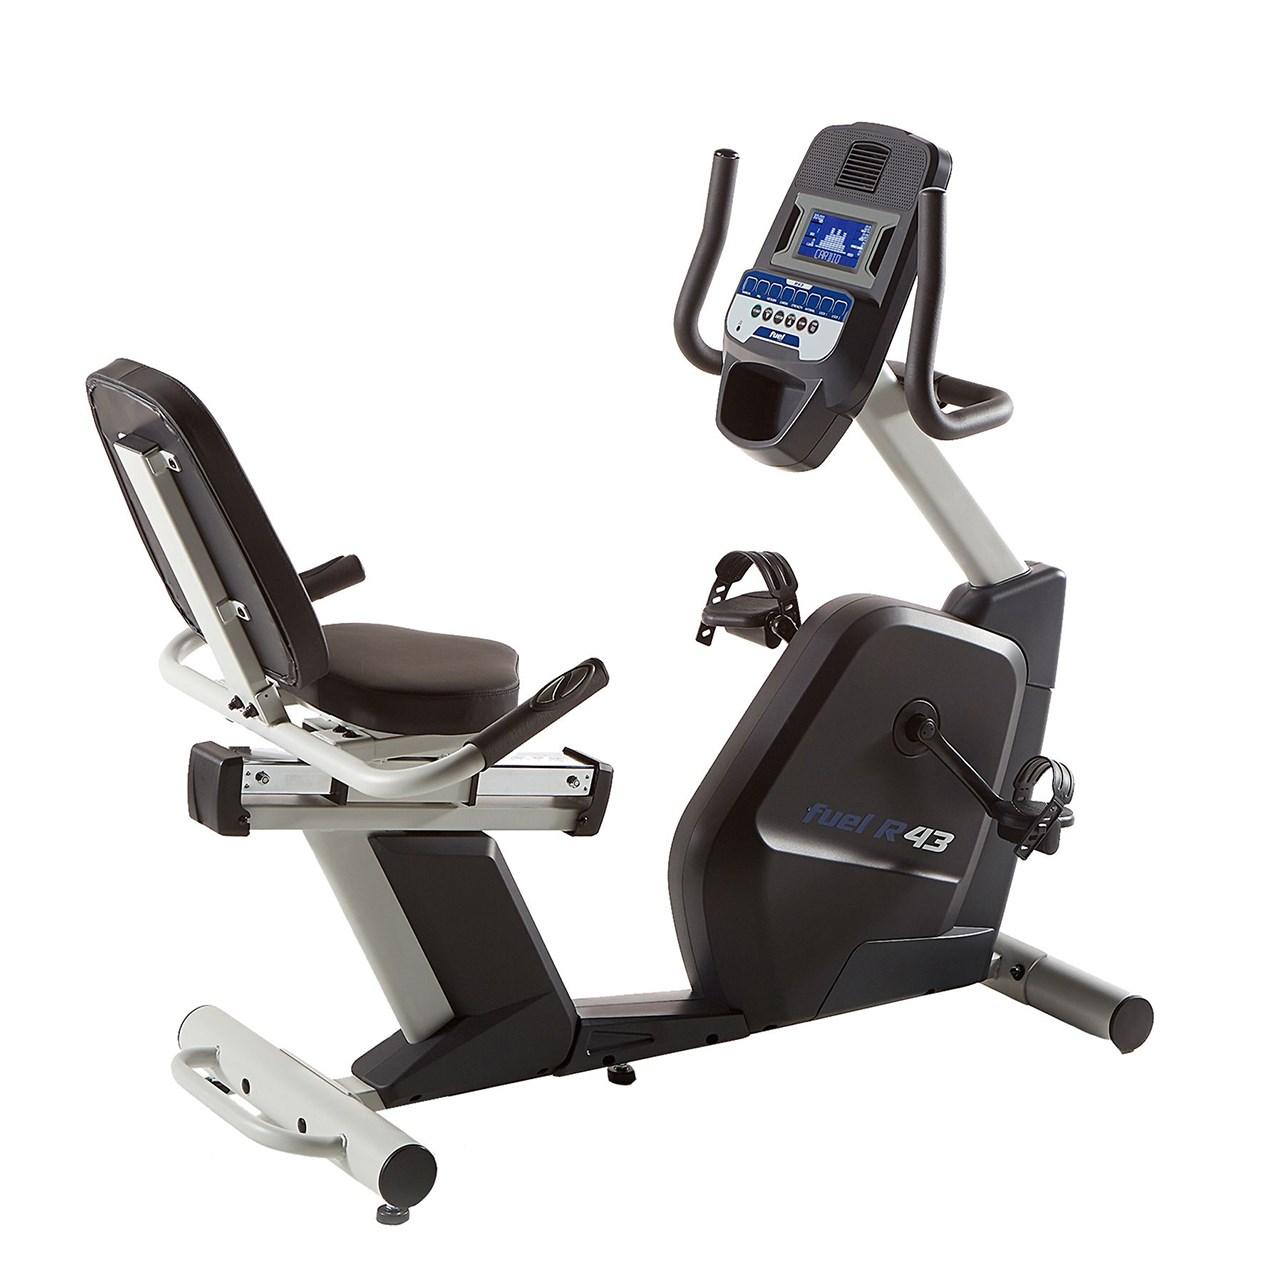 دوچرخه ثابت حرفه ای خانگی پشتی دار ؛ مگنت برقی و برنامه دار ؛ فیول مدل R43